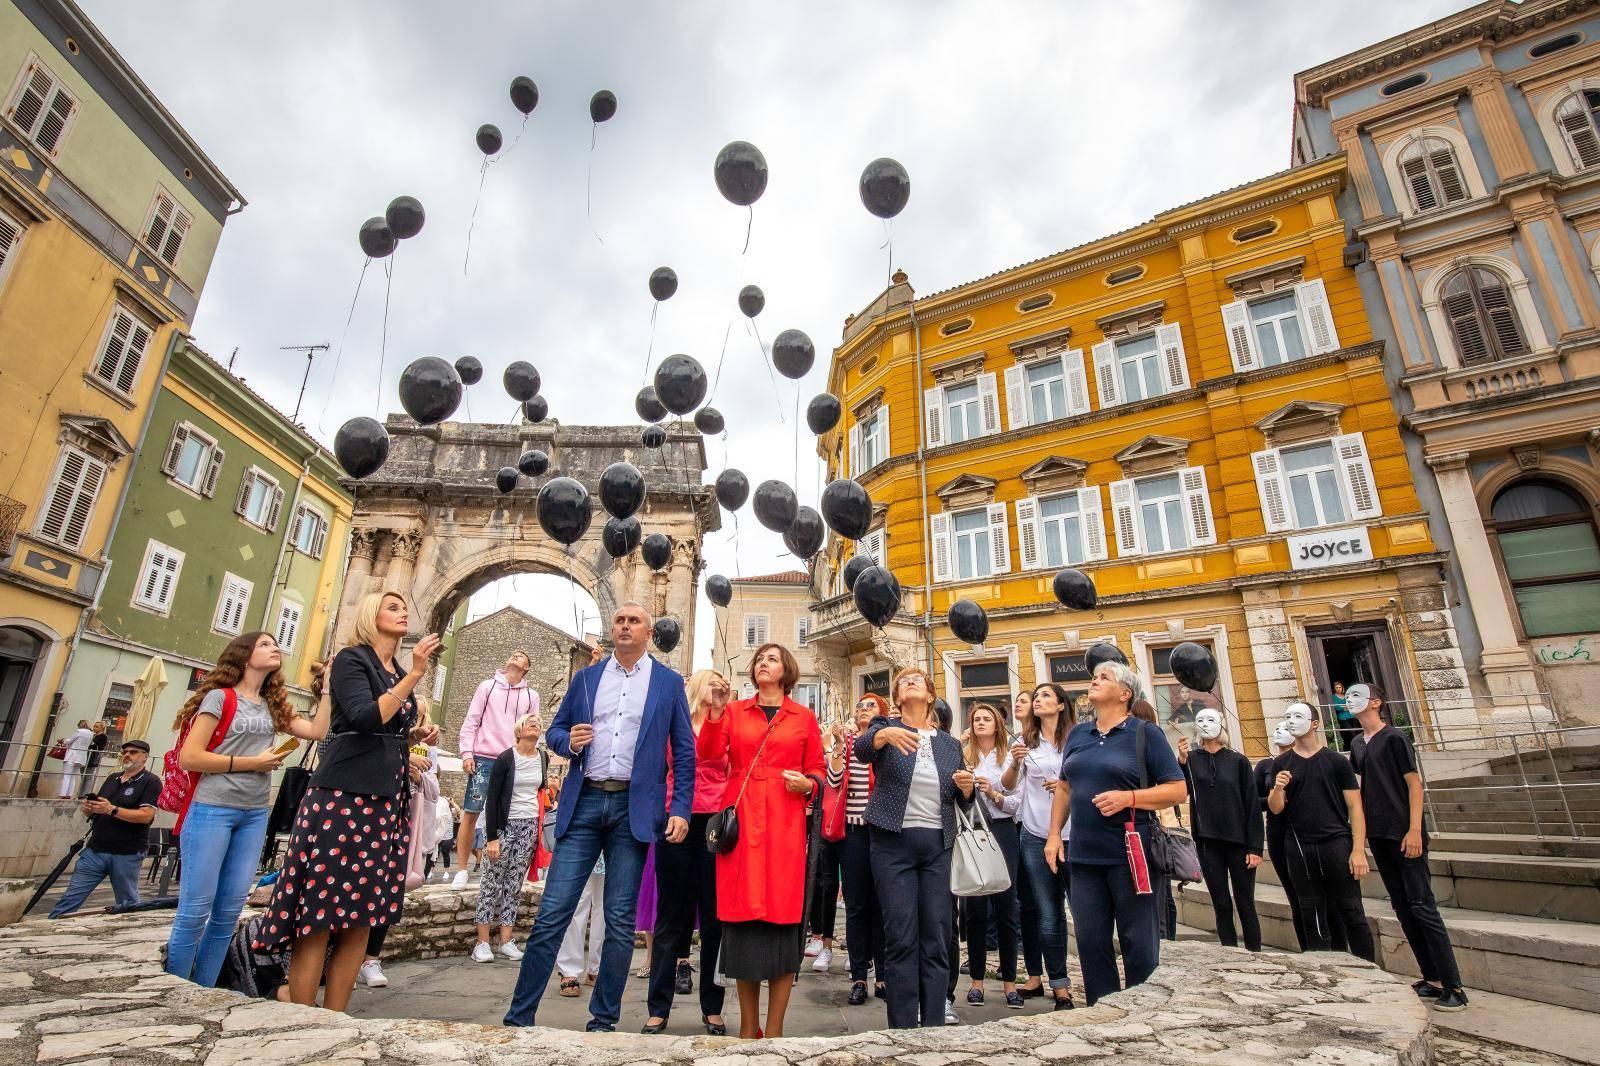 Pula: Puštanjem crnih balona na Portarati odana počast ženama žrtvama nasilja